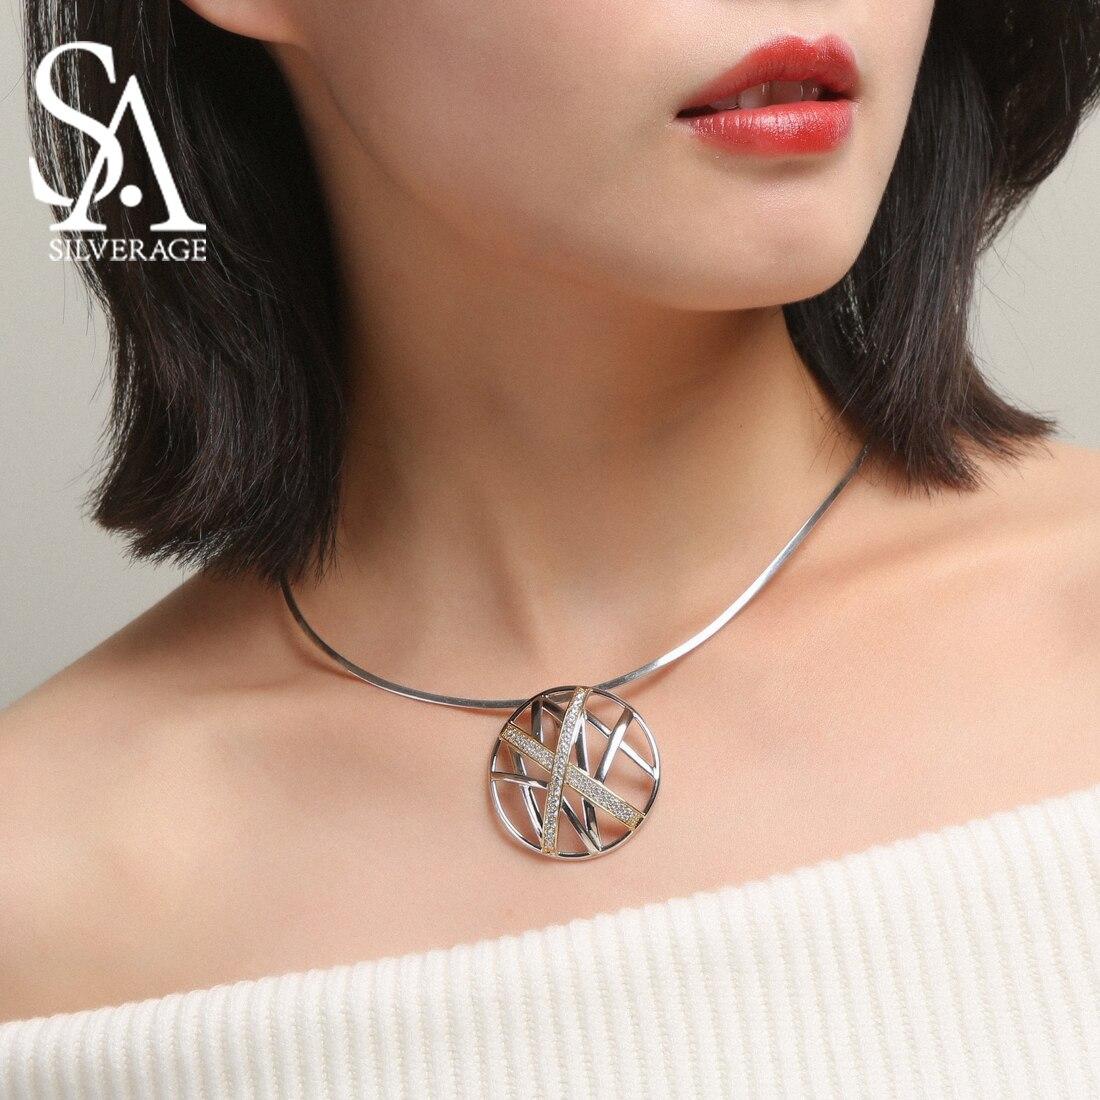 Mode femmes colliers bijoux collier pendentif femme 925 argent colliers nouveauté Choker colliers pendentifs pour femmes 2019